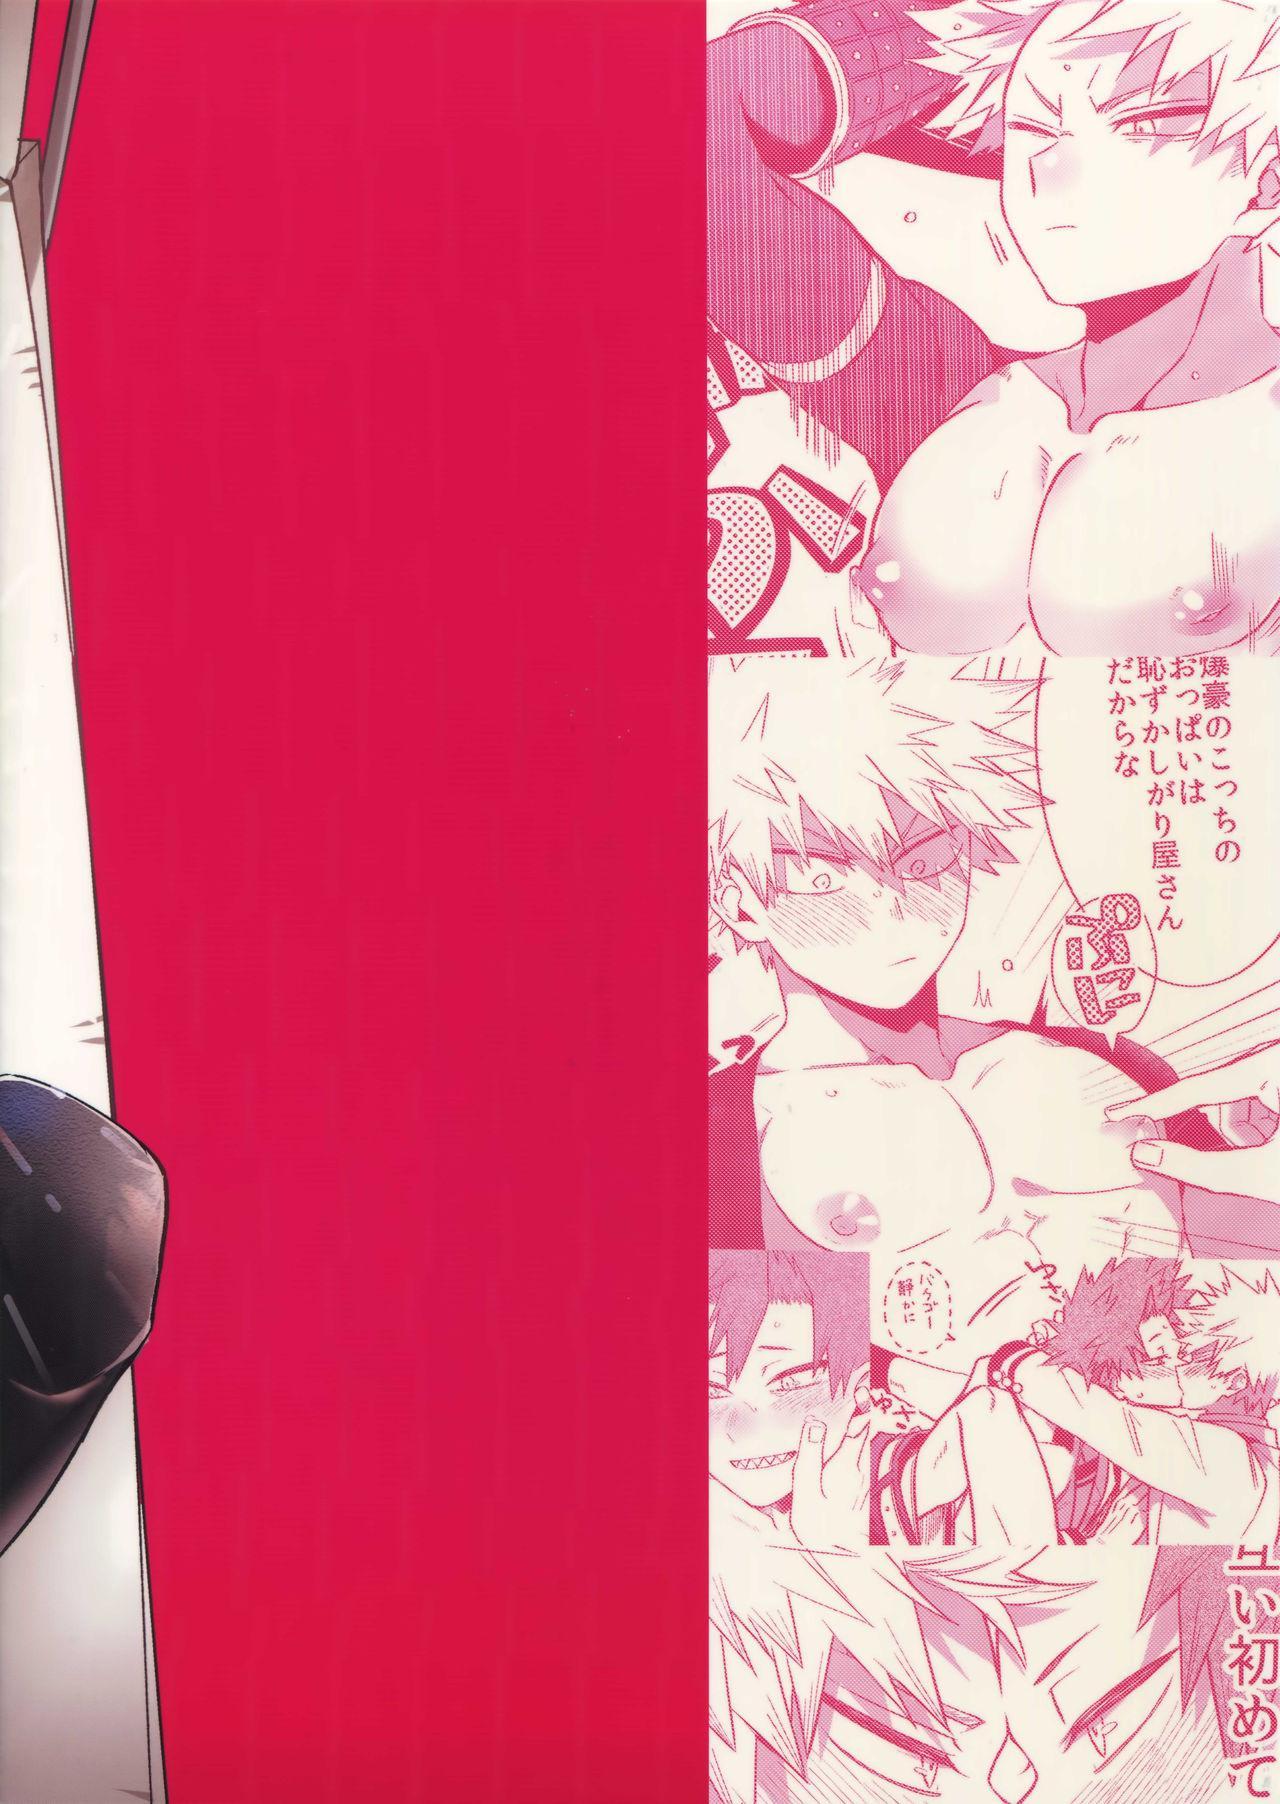 Anoko wa Miwaku no Dynamite Body 31